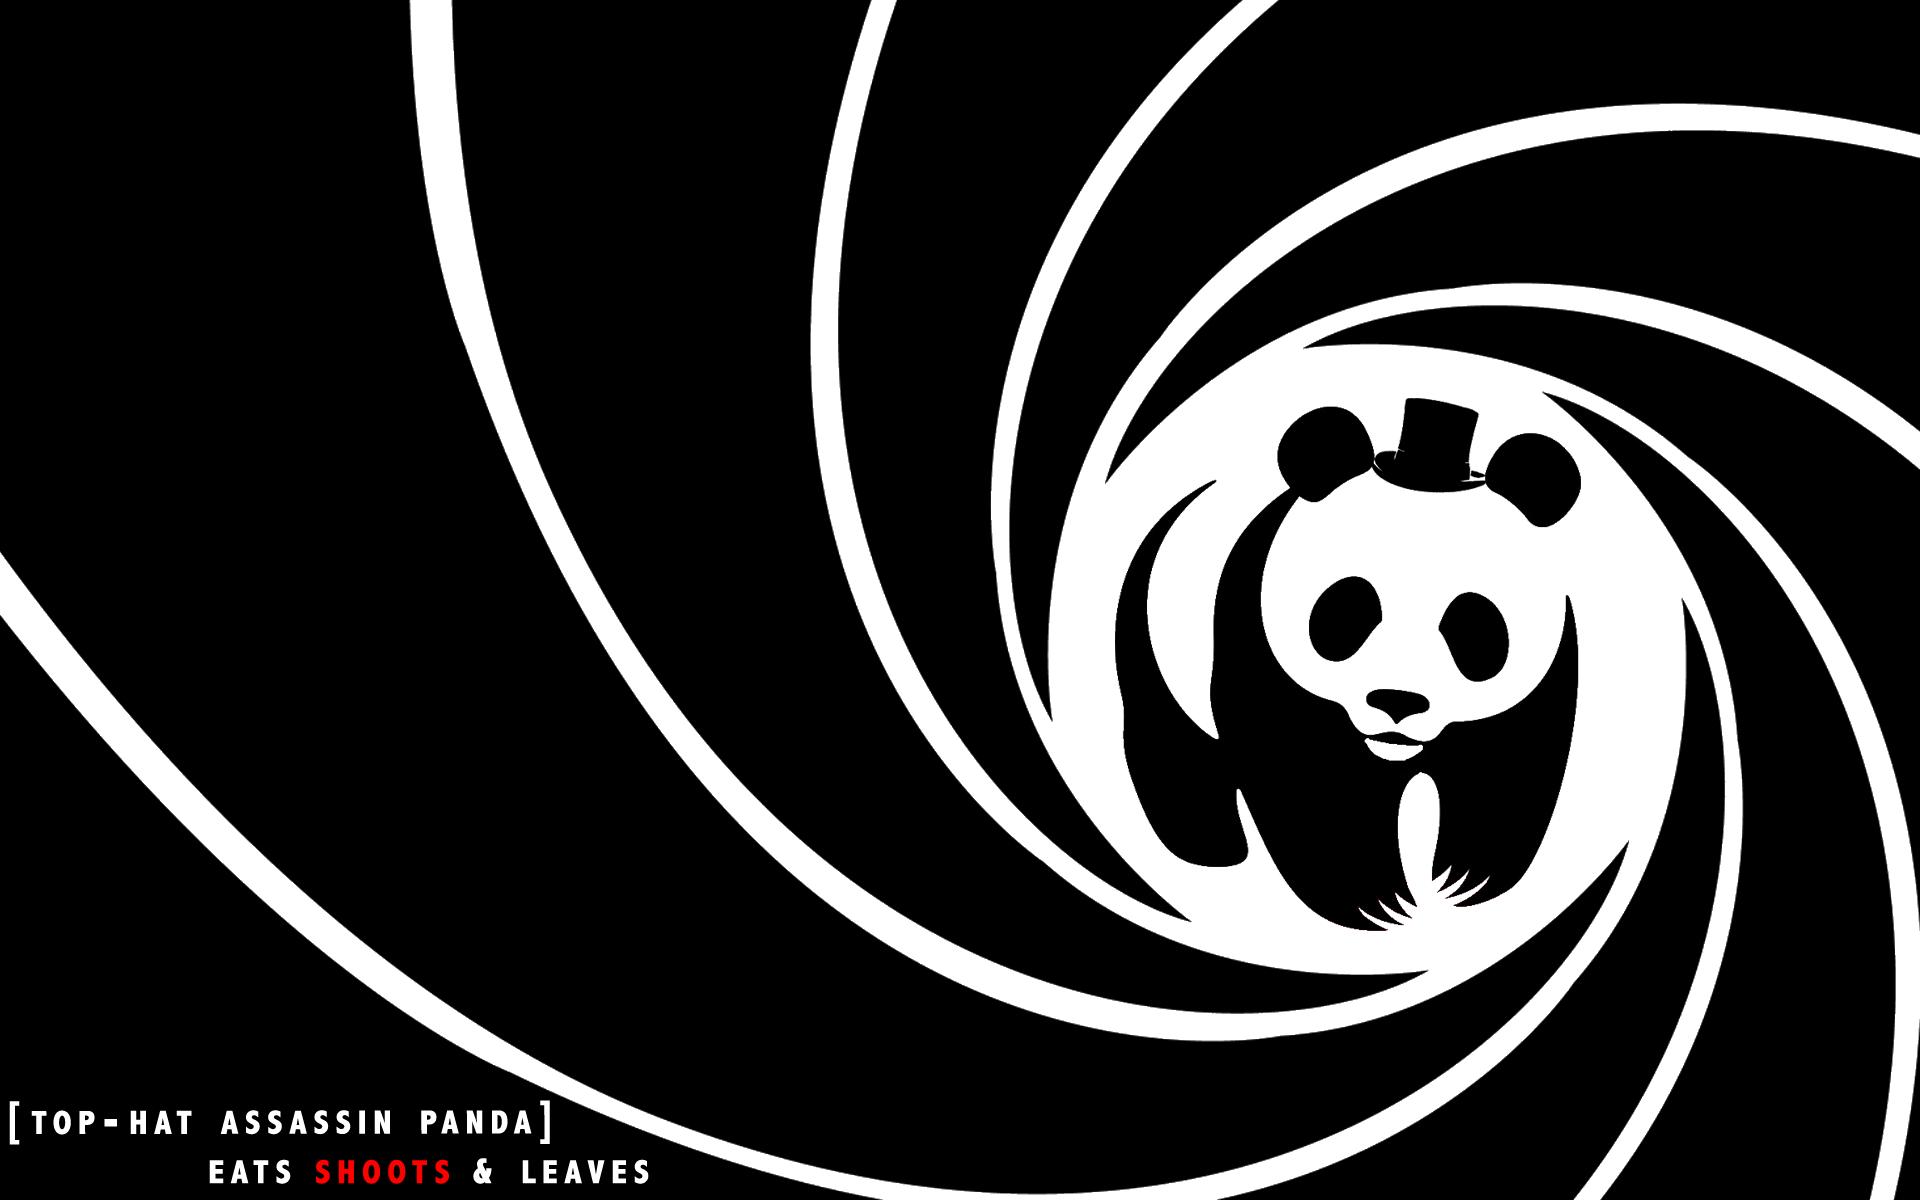 wallpaper : illustration, humor, spiral, logo, circle, panda, parody